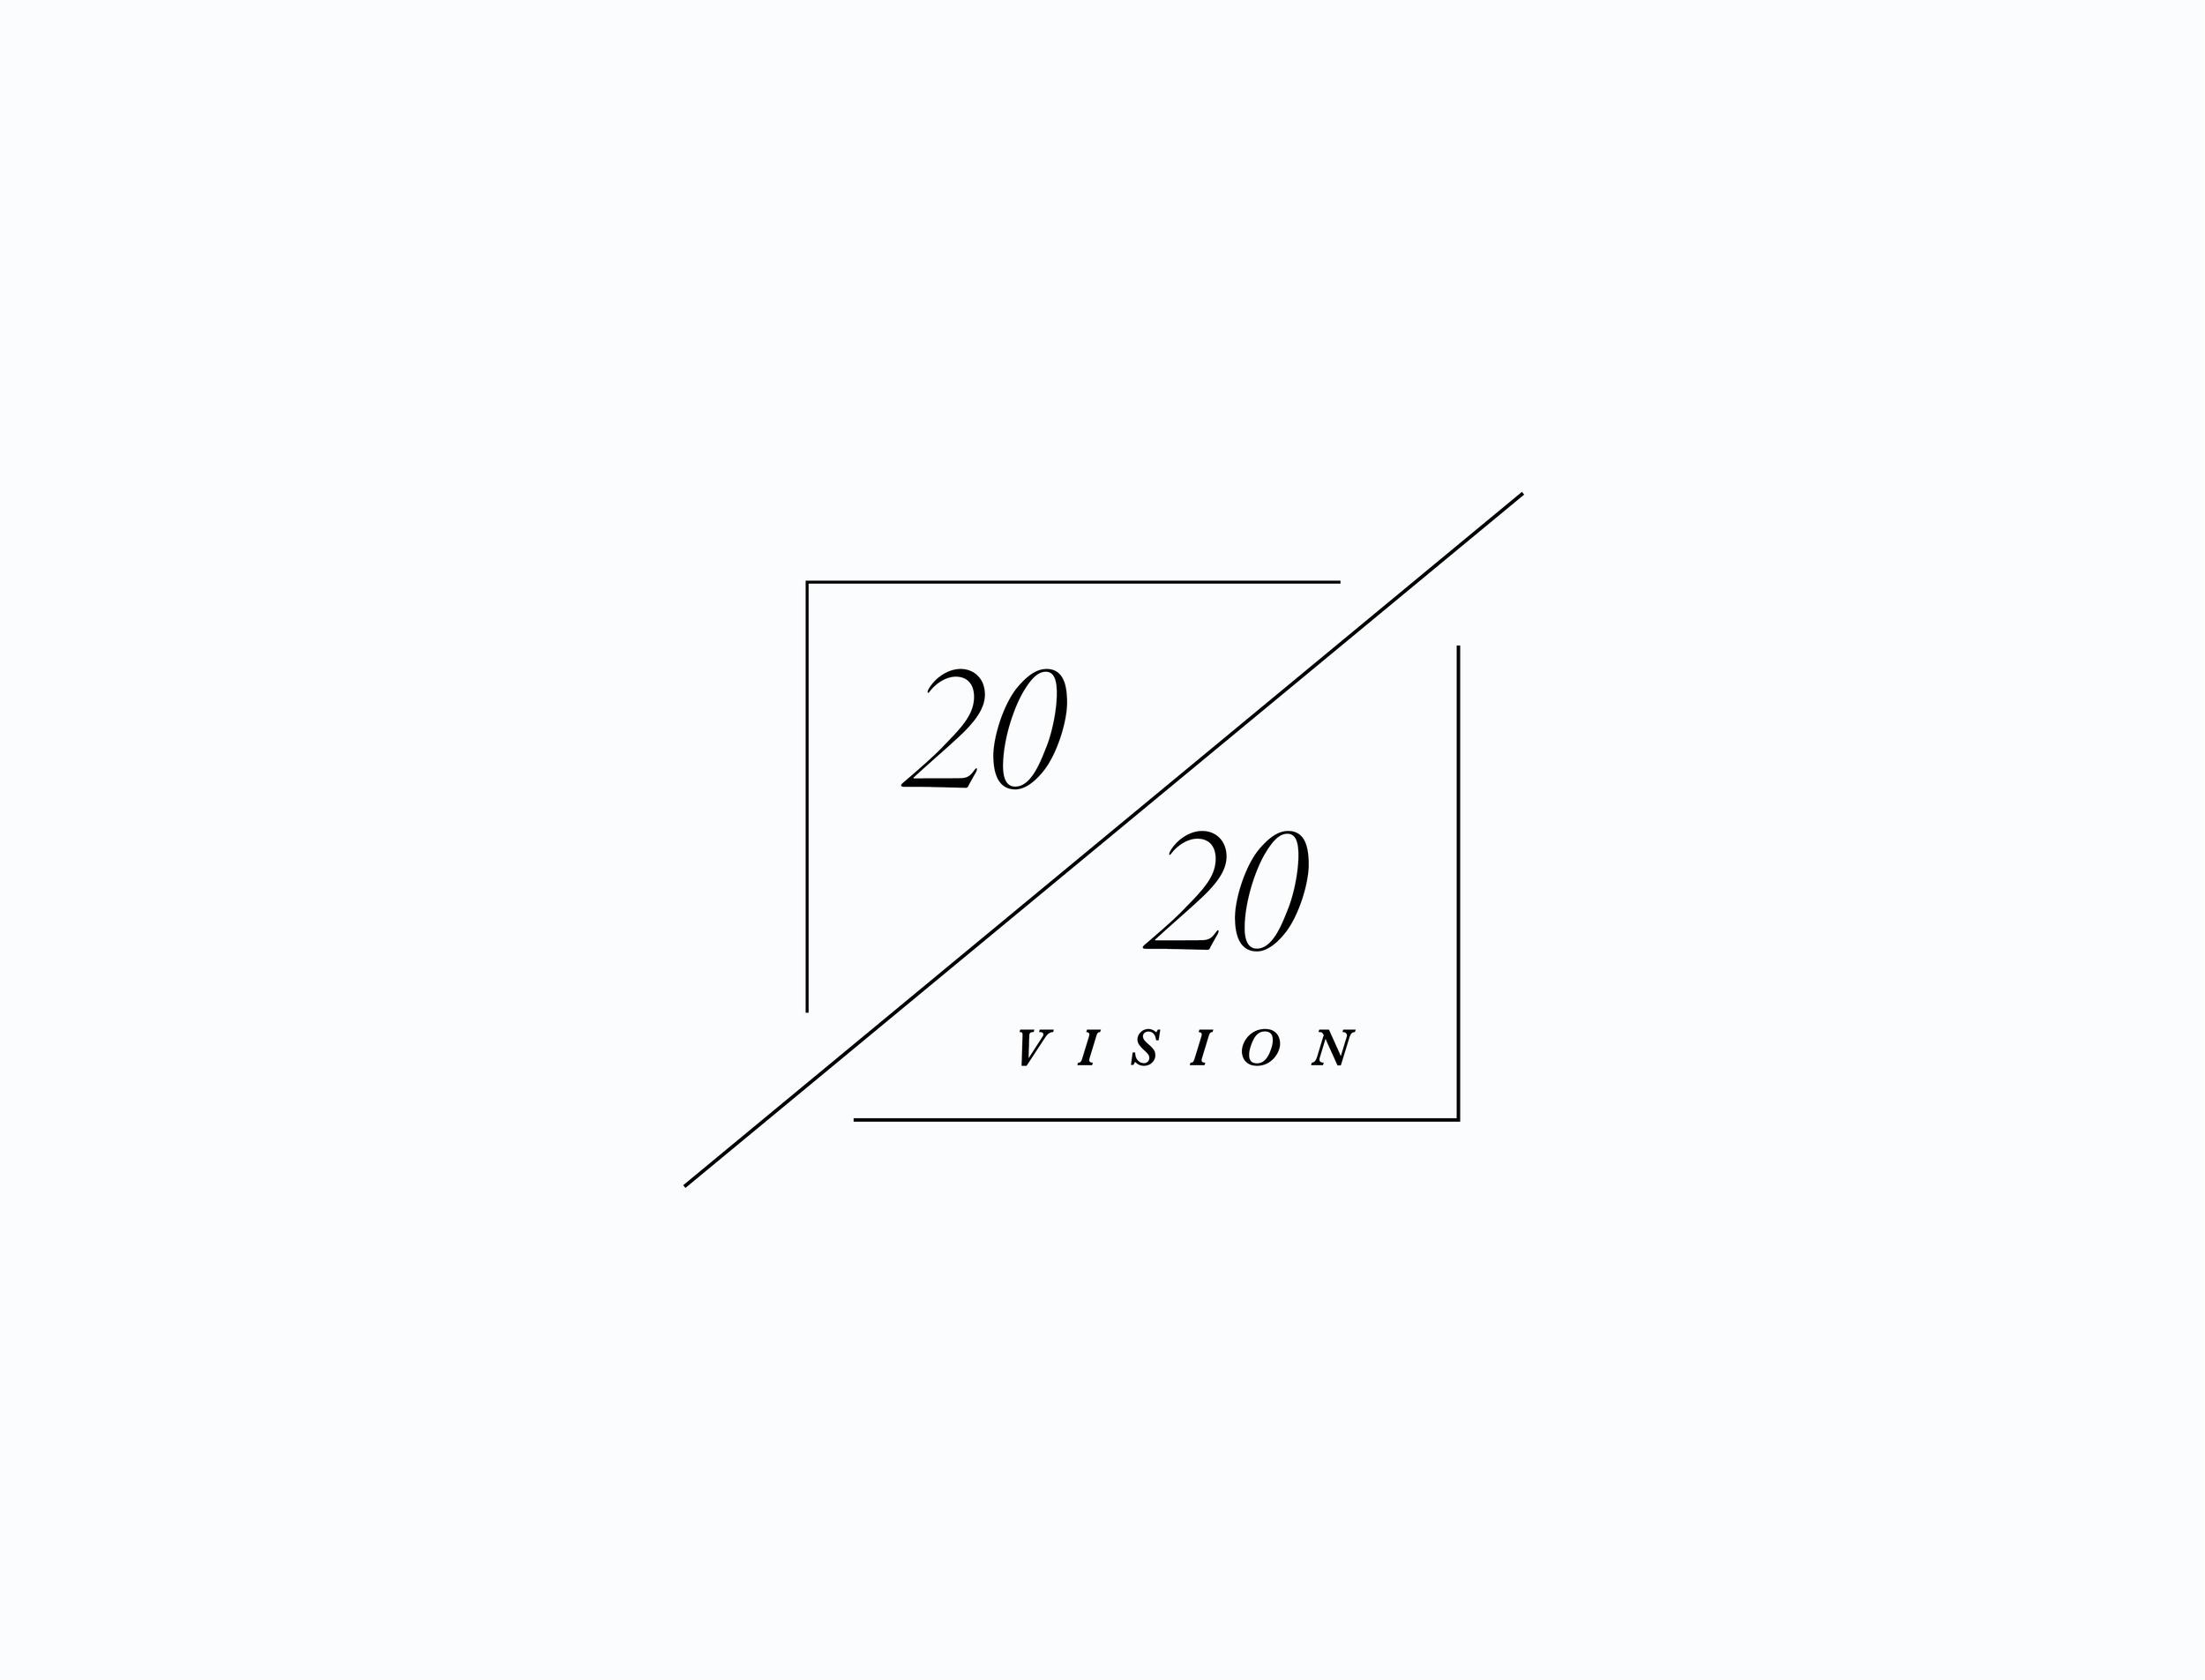 Logos_Slideshow-04.png